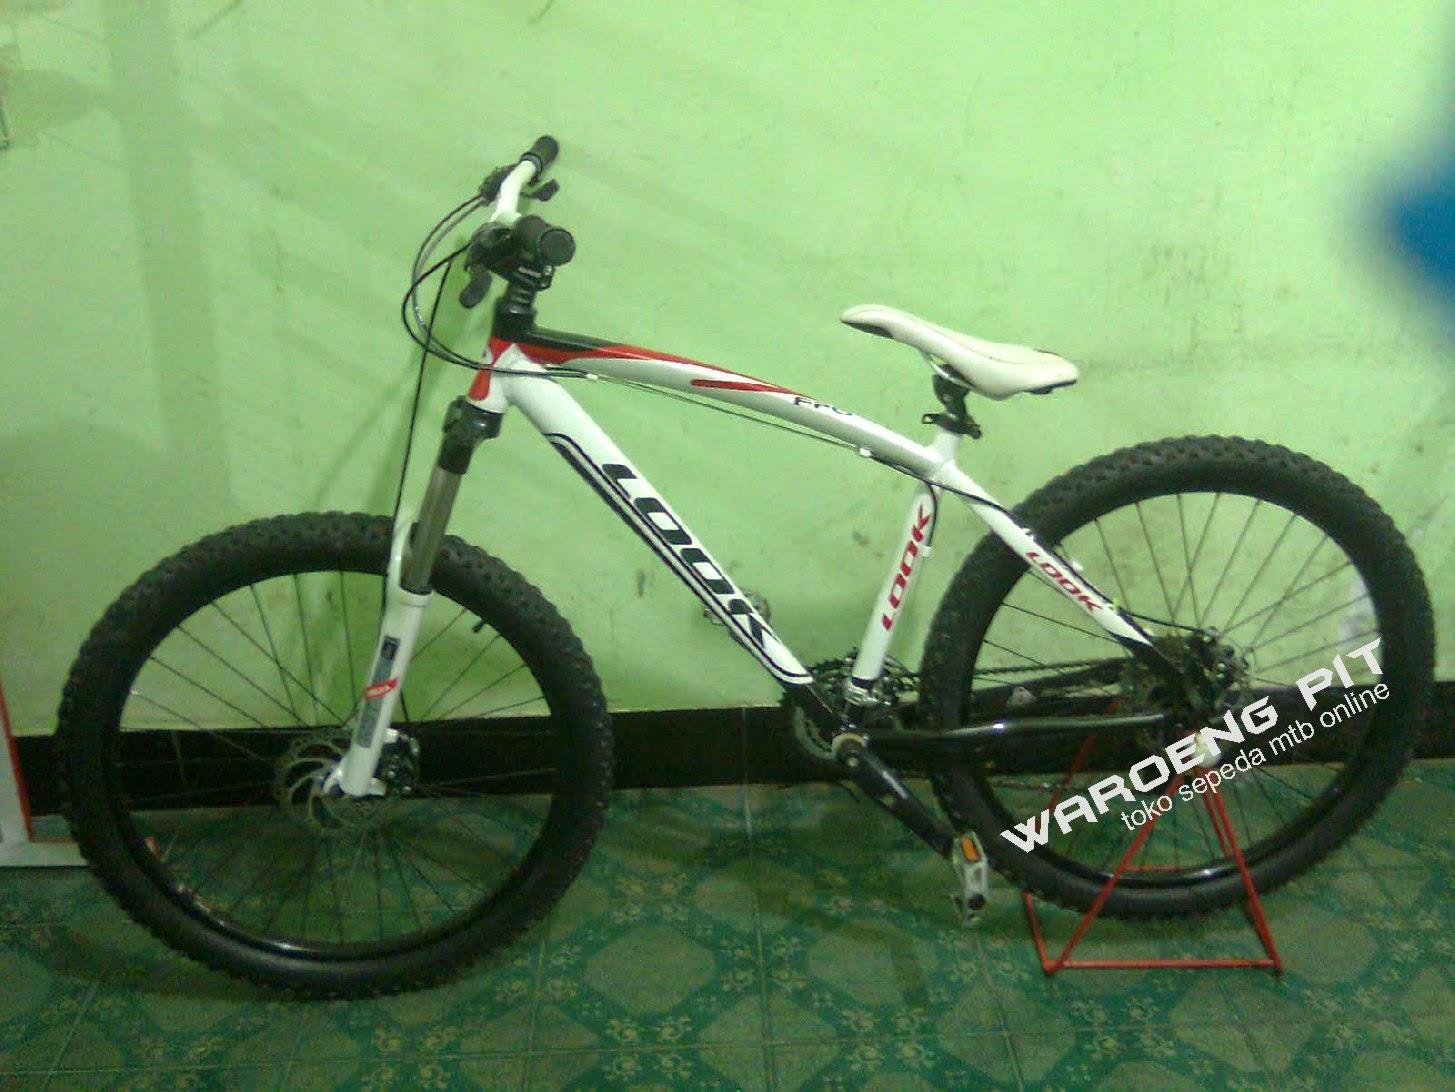 jual sepeda gunung mtb bekas look putih merah hitam full bike harga terjangkau dengan spare part suku cadang lumayan xc country  waroengpit